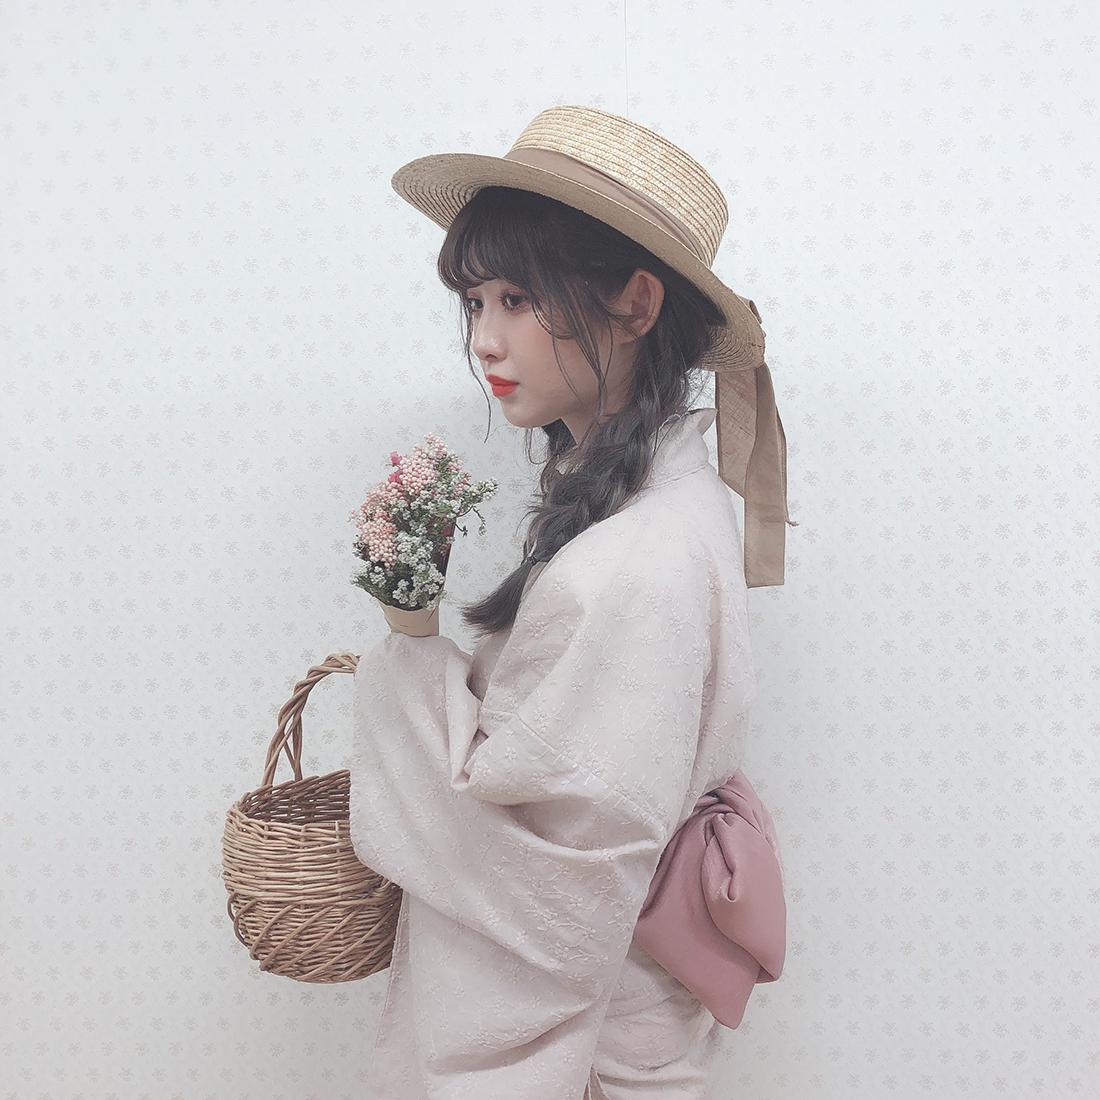 e1f5cc71d74 ヘッドラインニュース/RiLi.tokyo ブランド初の浴衣が5月13日より予約 ...